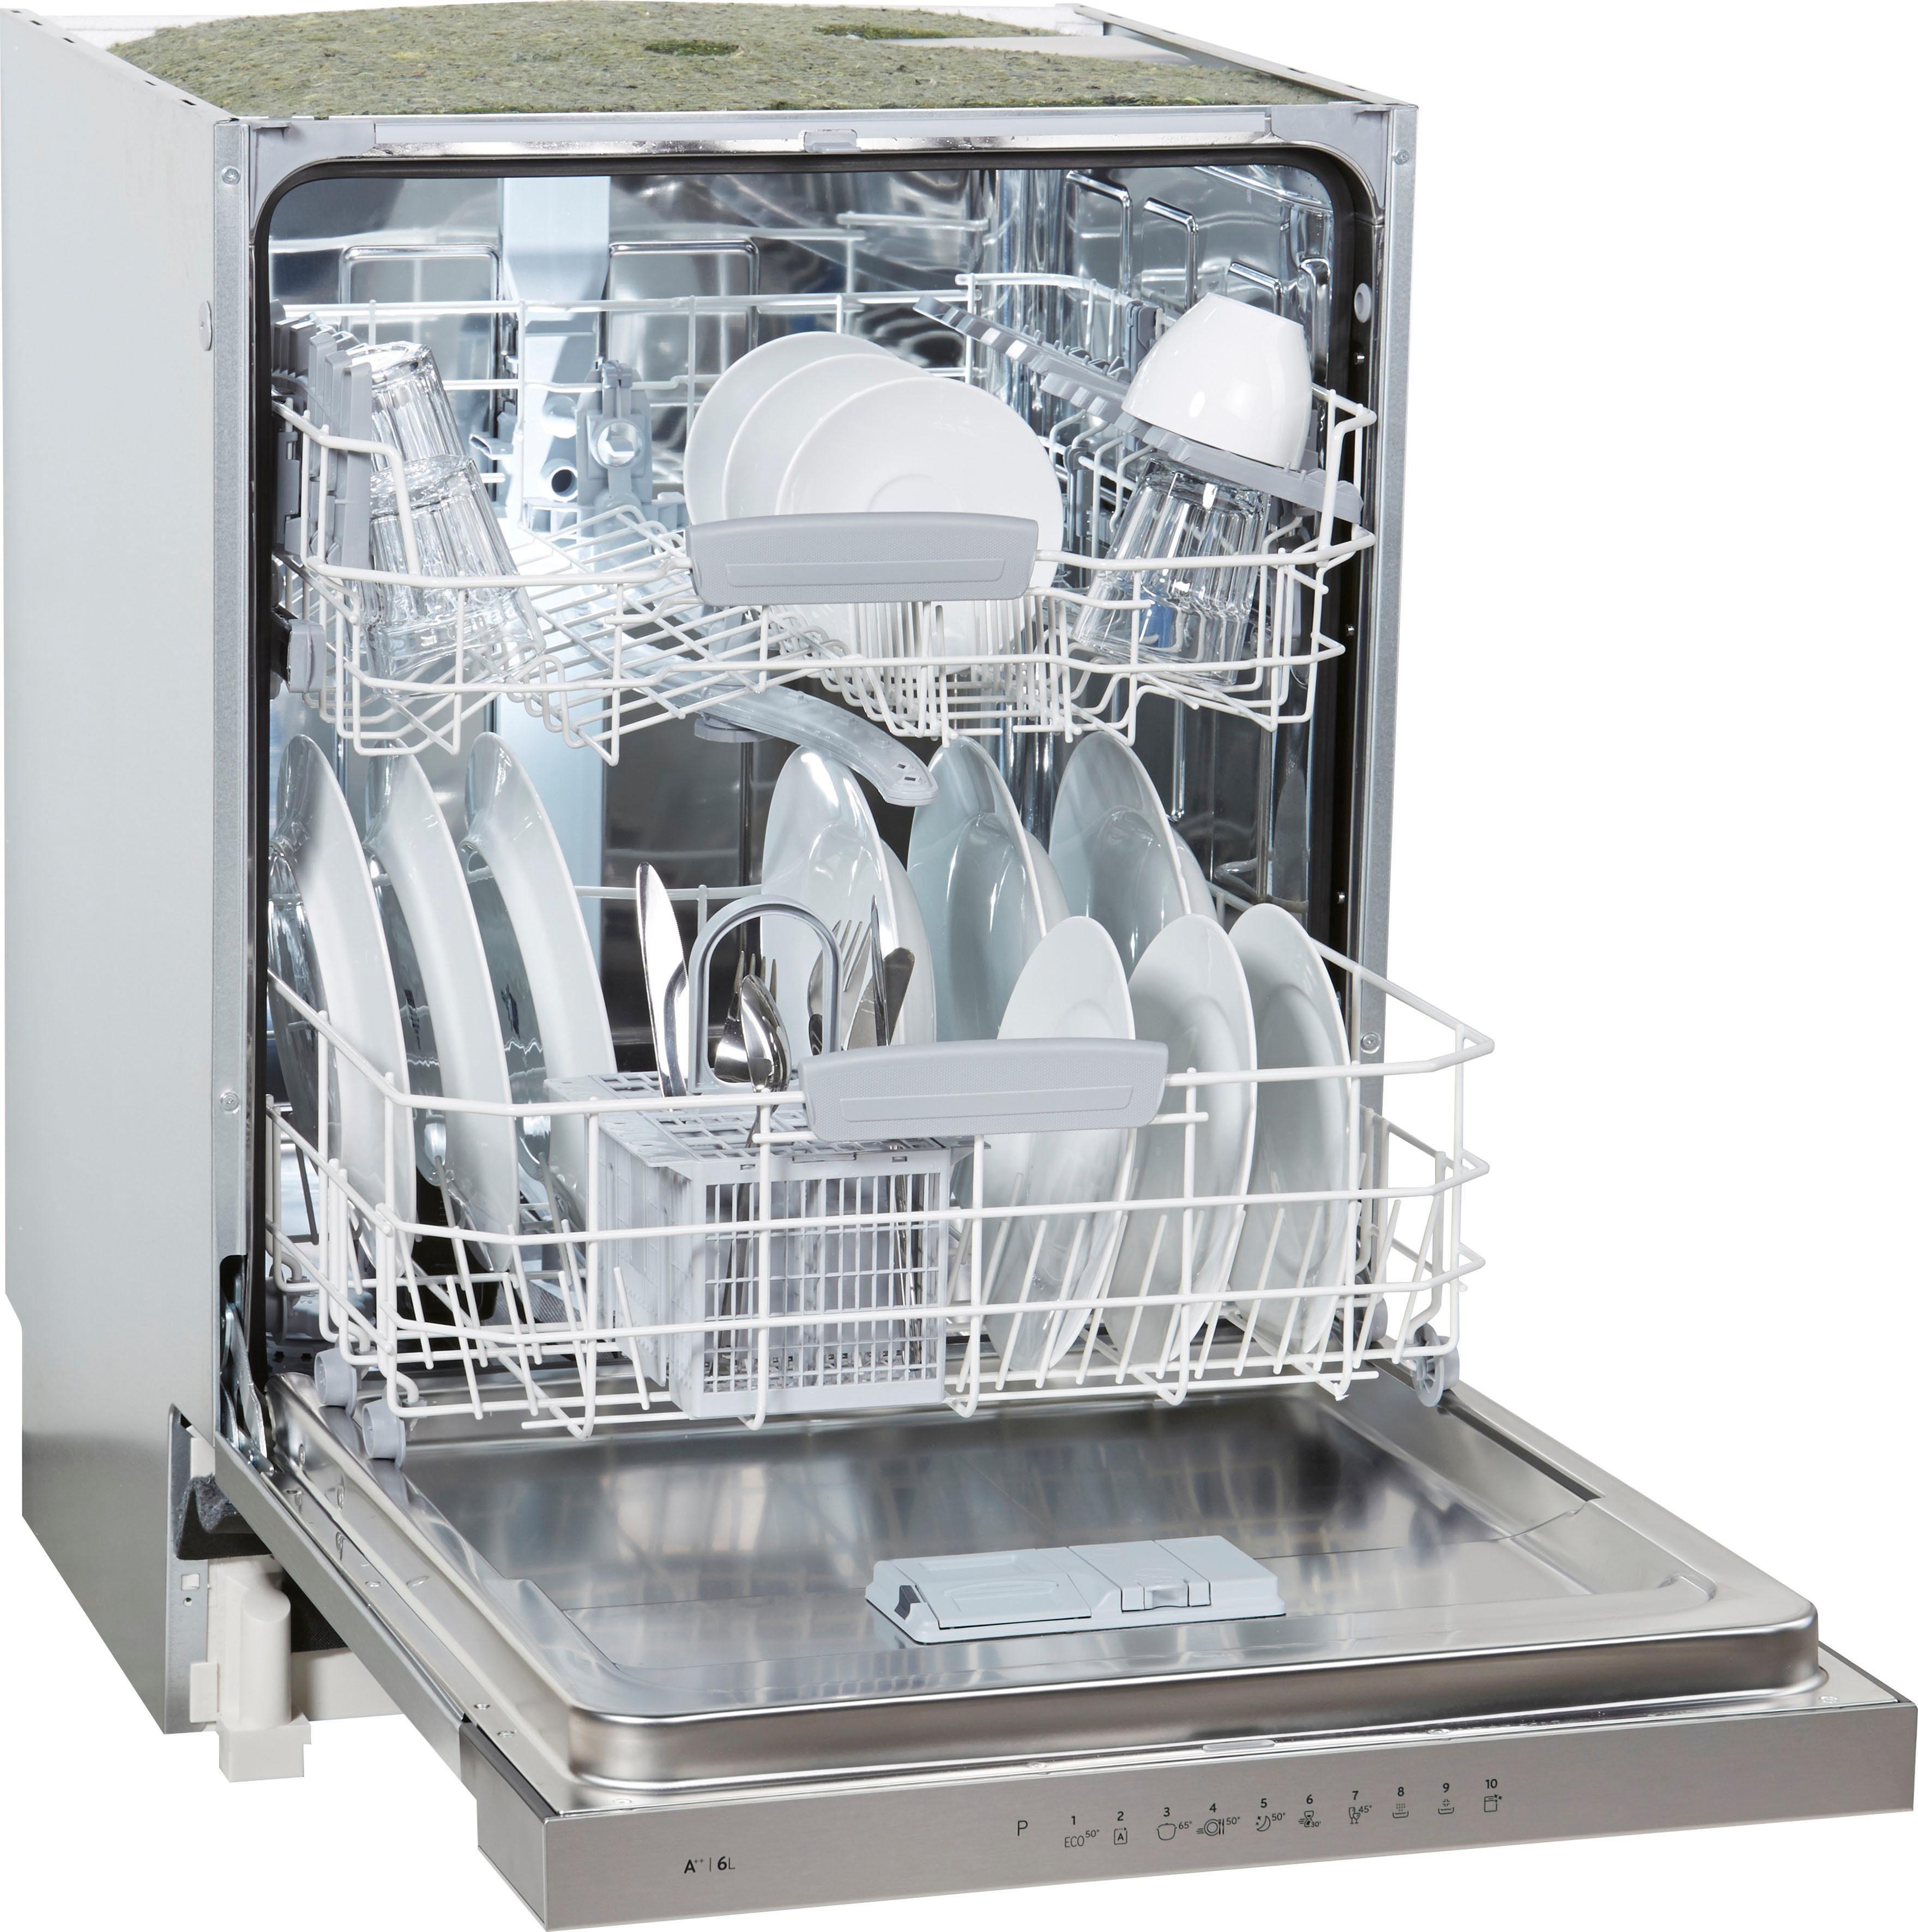 Privileg Geschirrspuler 45 Cm Pkm Dw9 7fi A Geschirrspuler A Voll